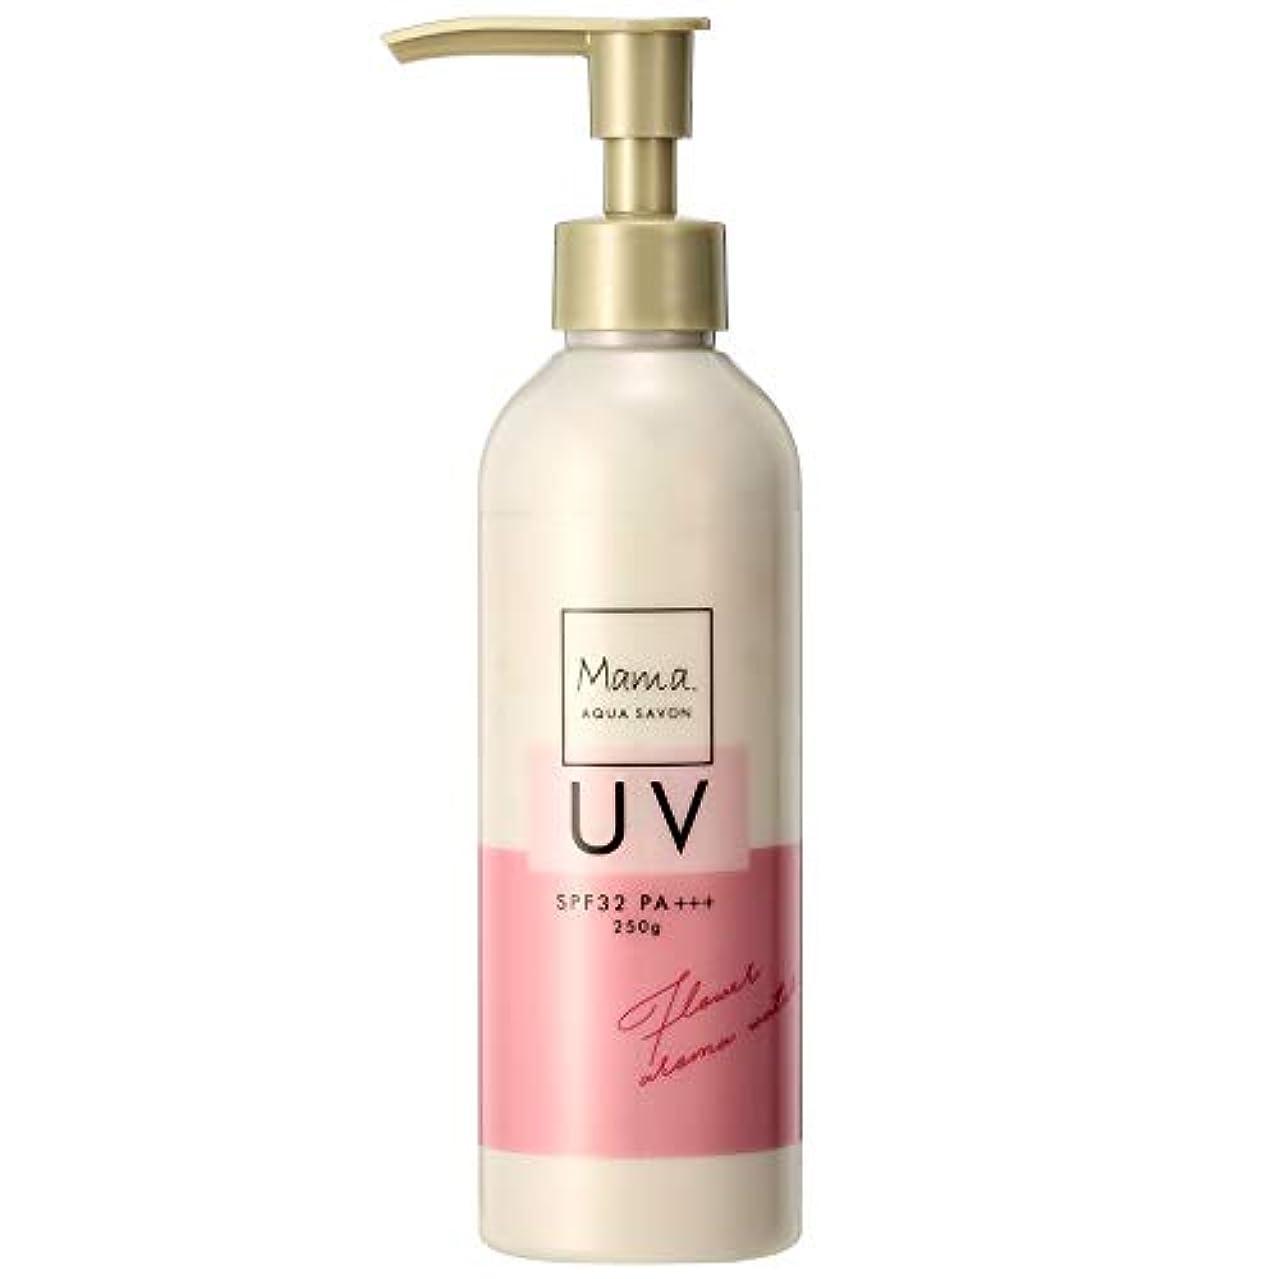 無一文甘味砂利ママアクアシャボン UVモイストジェル フラワーアロマウォーターの香り 19S 250g